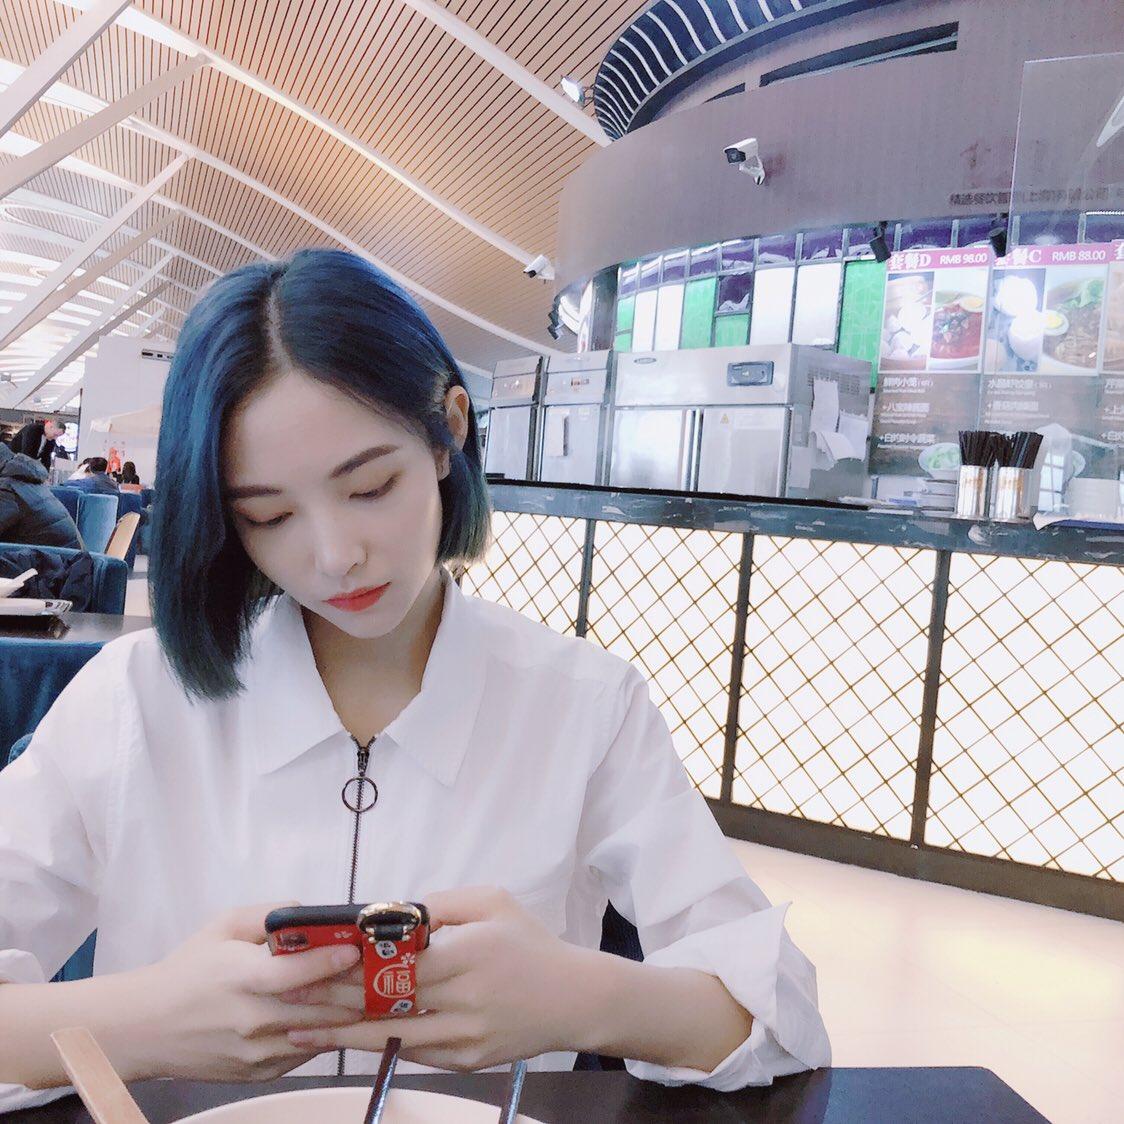 최근 머리 염색해서 예쁘다는 반응 얻고 있는 중국 여자아이돌 | 인스티즈